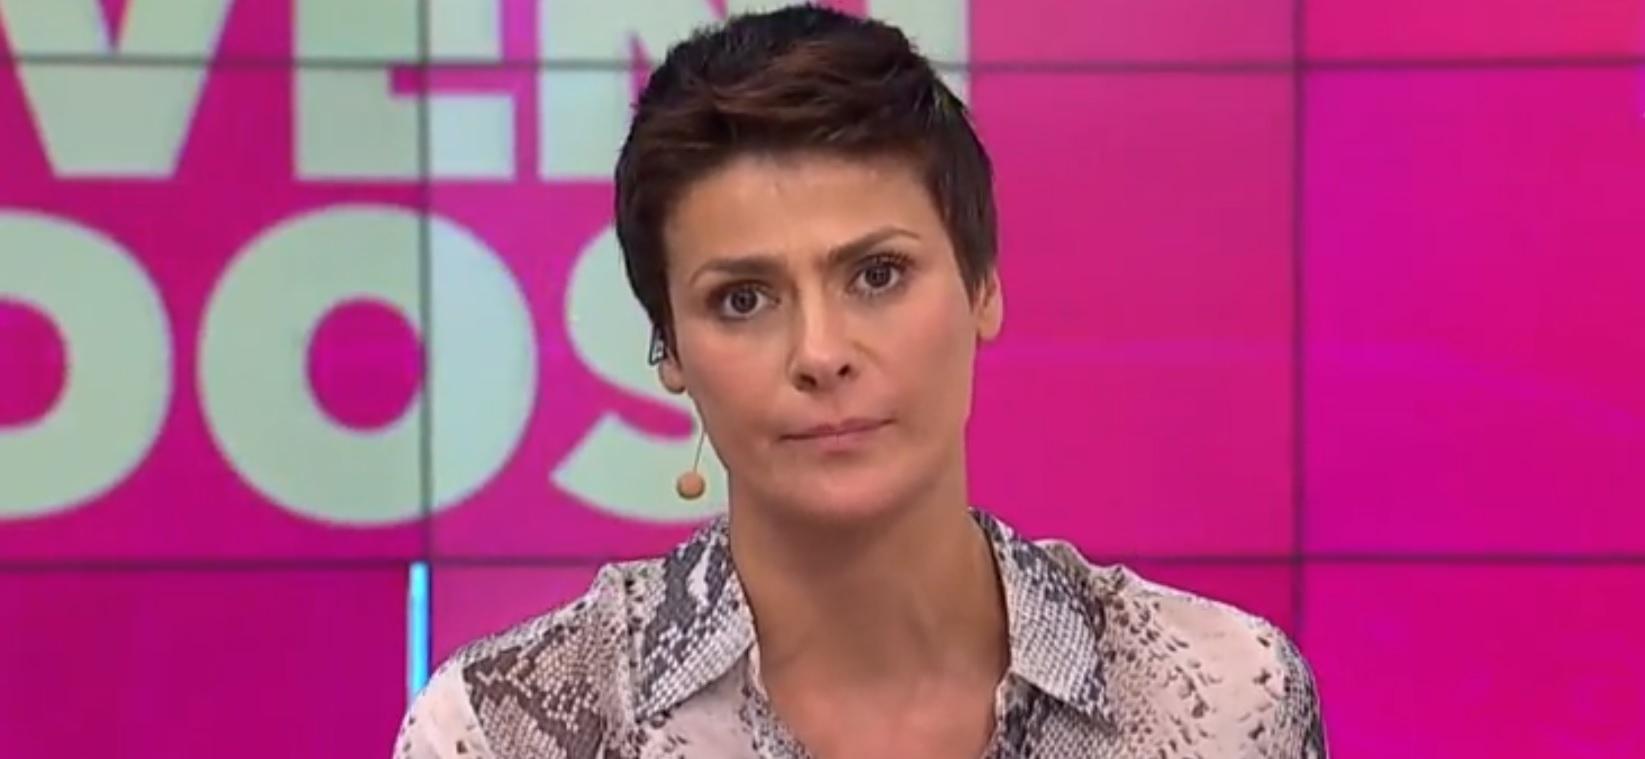 Alisha Boe Desnuda diego boneta y mayte rodríguez deslumbraron en evento en italia